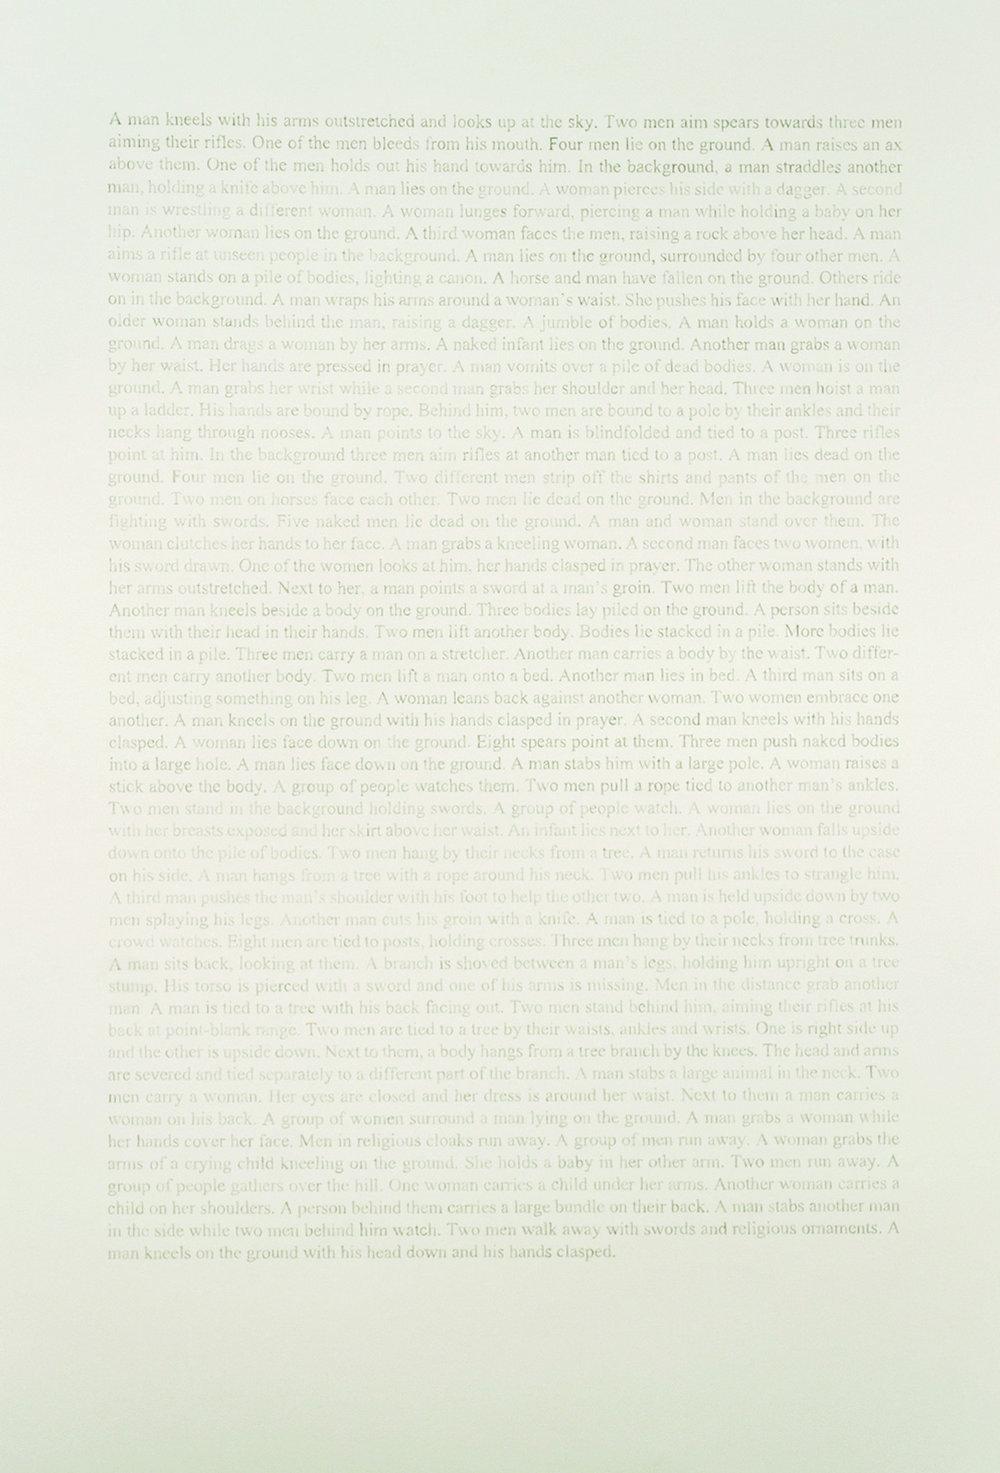 1e67084a9c672618-Goya_text.jpg